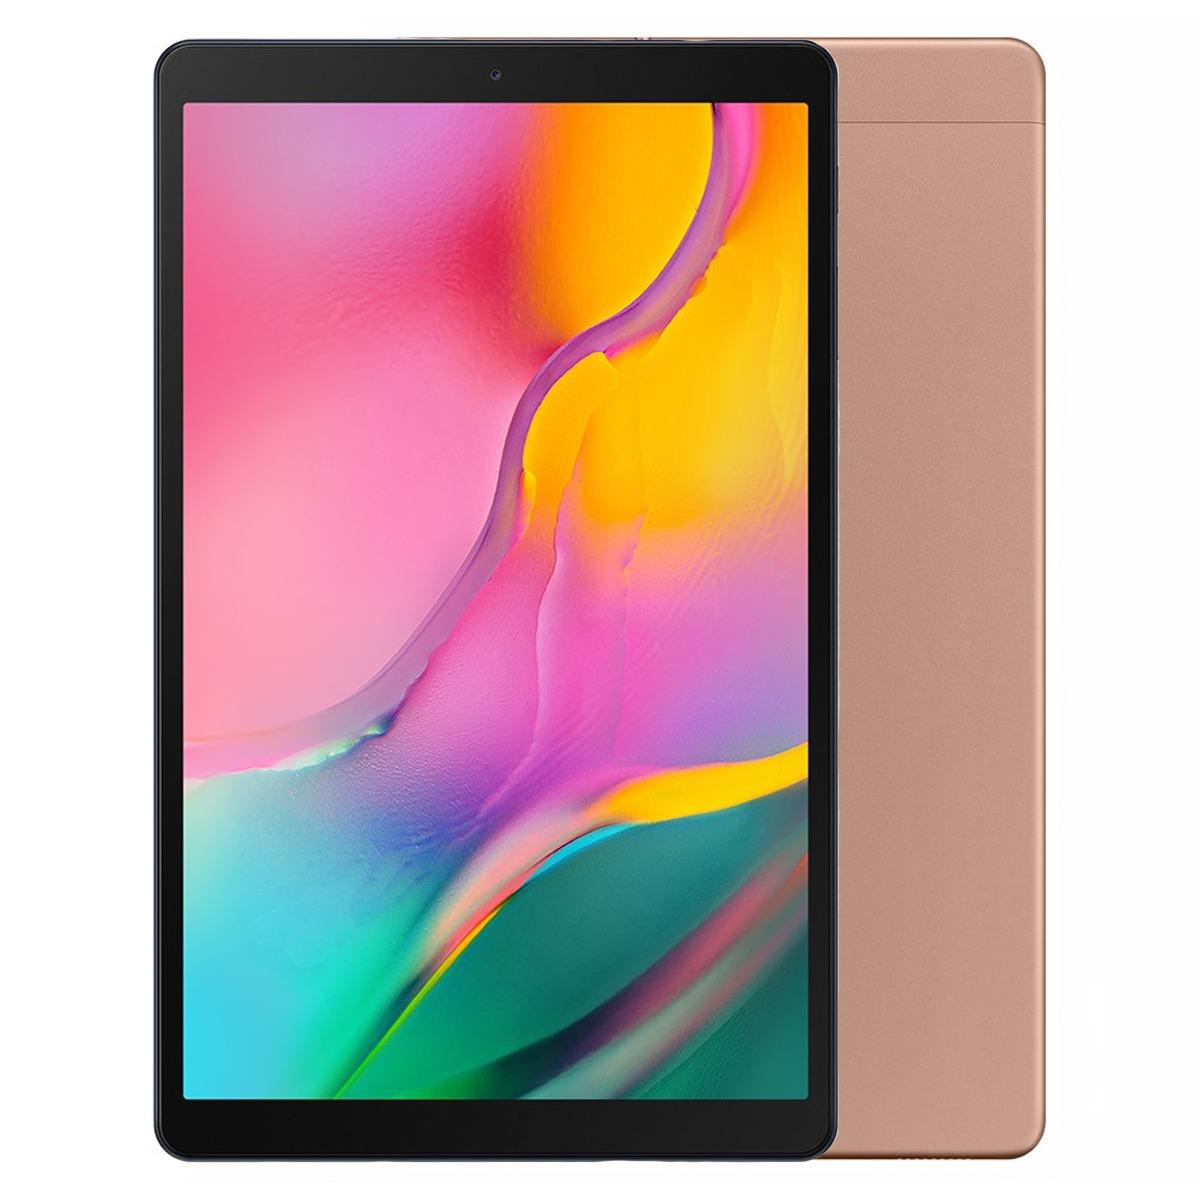 Samsung Galaxy Tab A 10.1 32GB (2019) Tablet